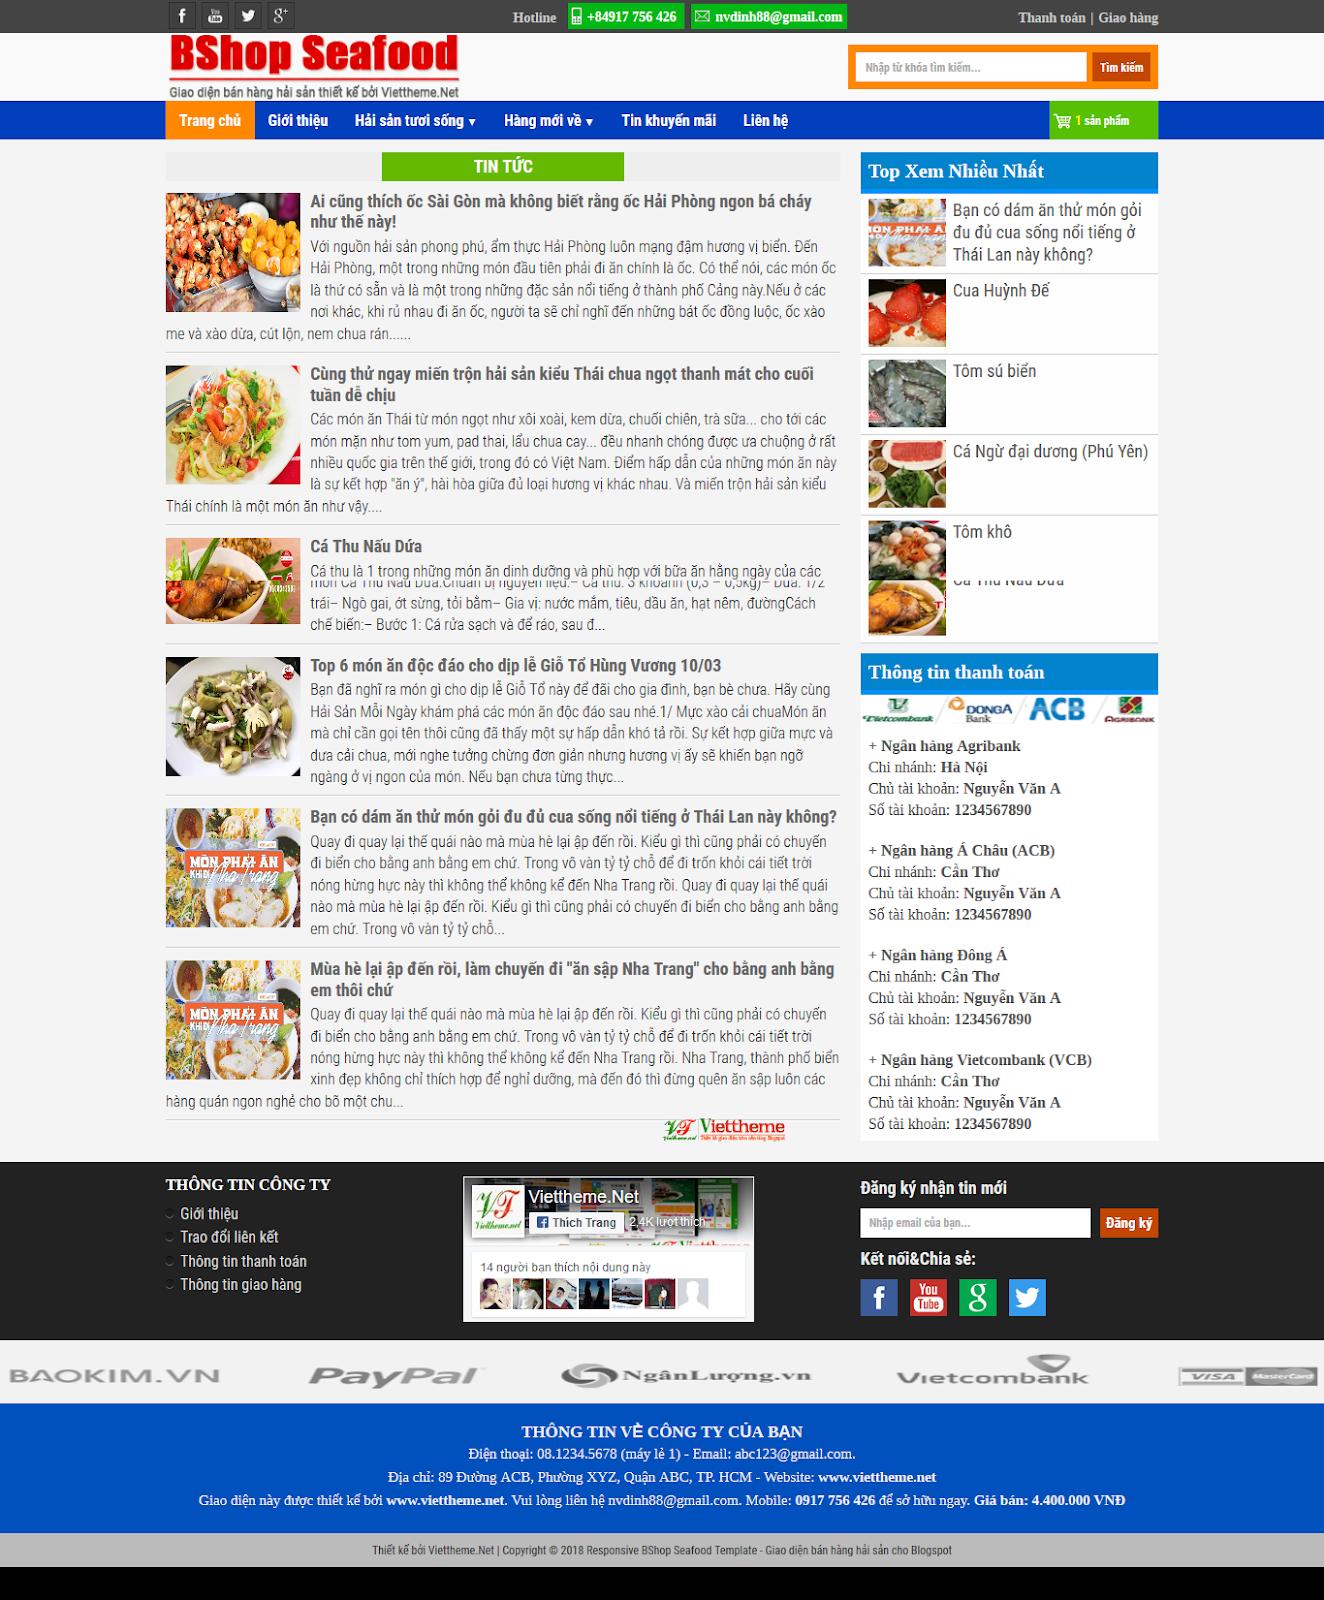 Bshop Seafood - Template diện bán hàng hải sản online dành cho Blogspot